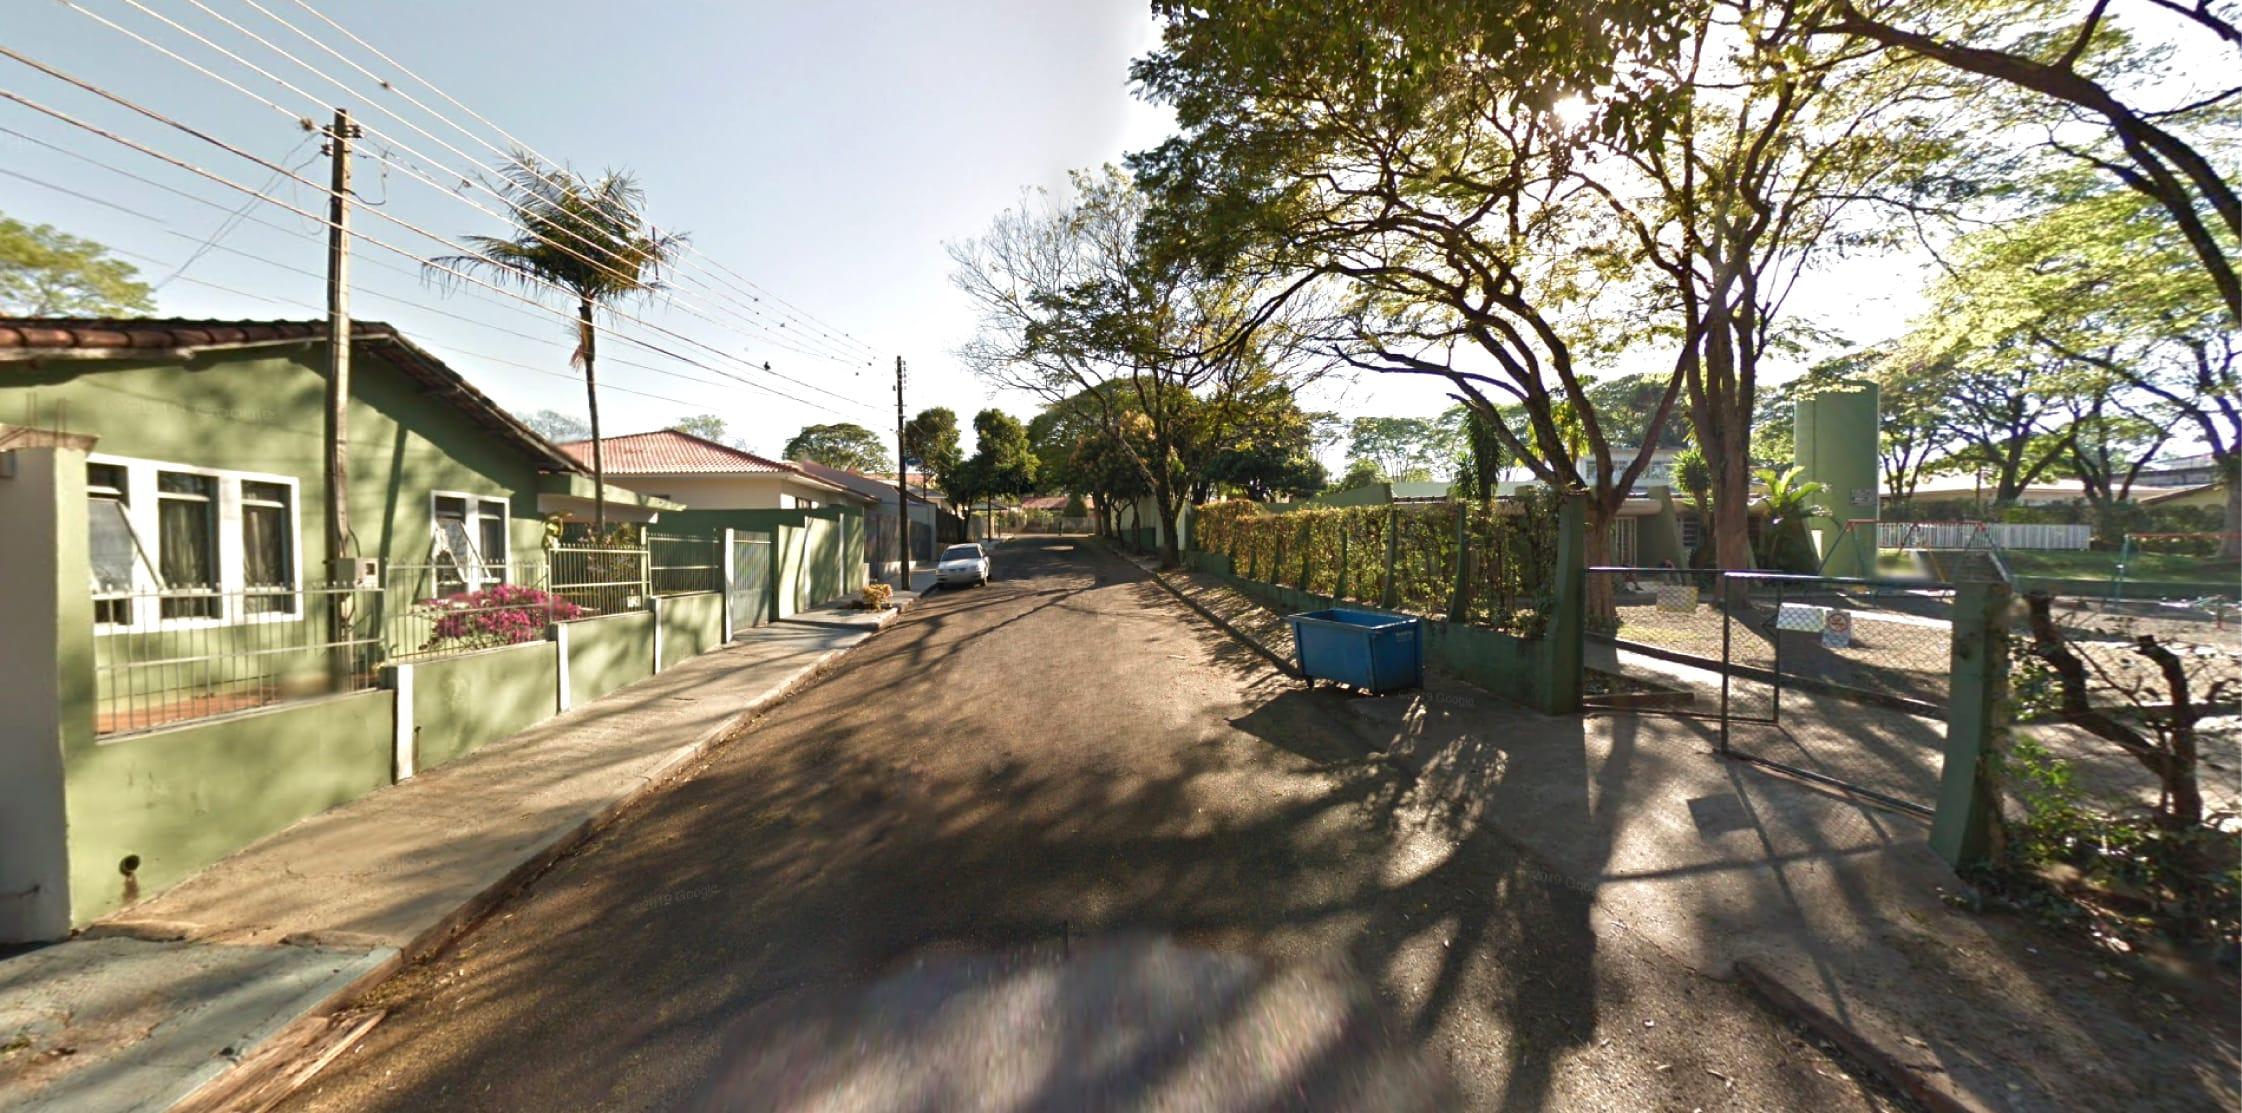 Rua com casinhas e árvores